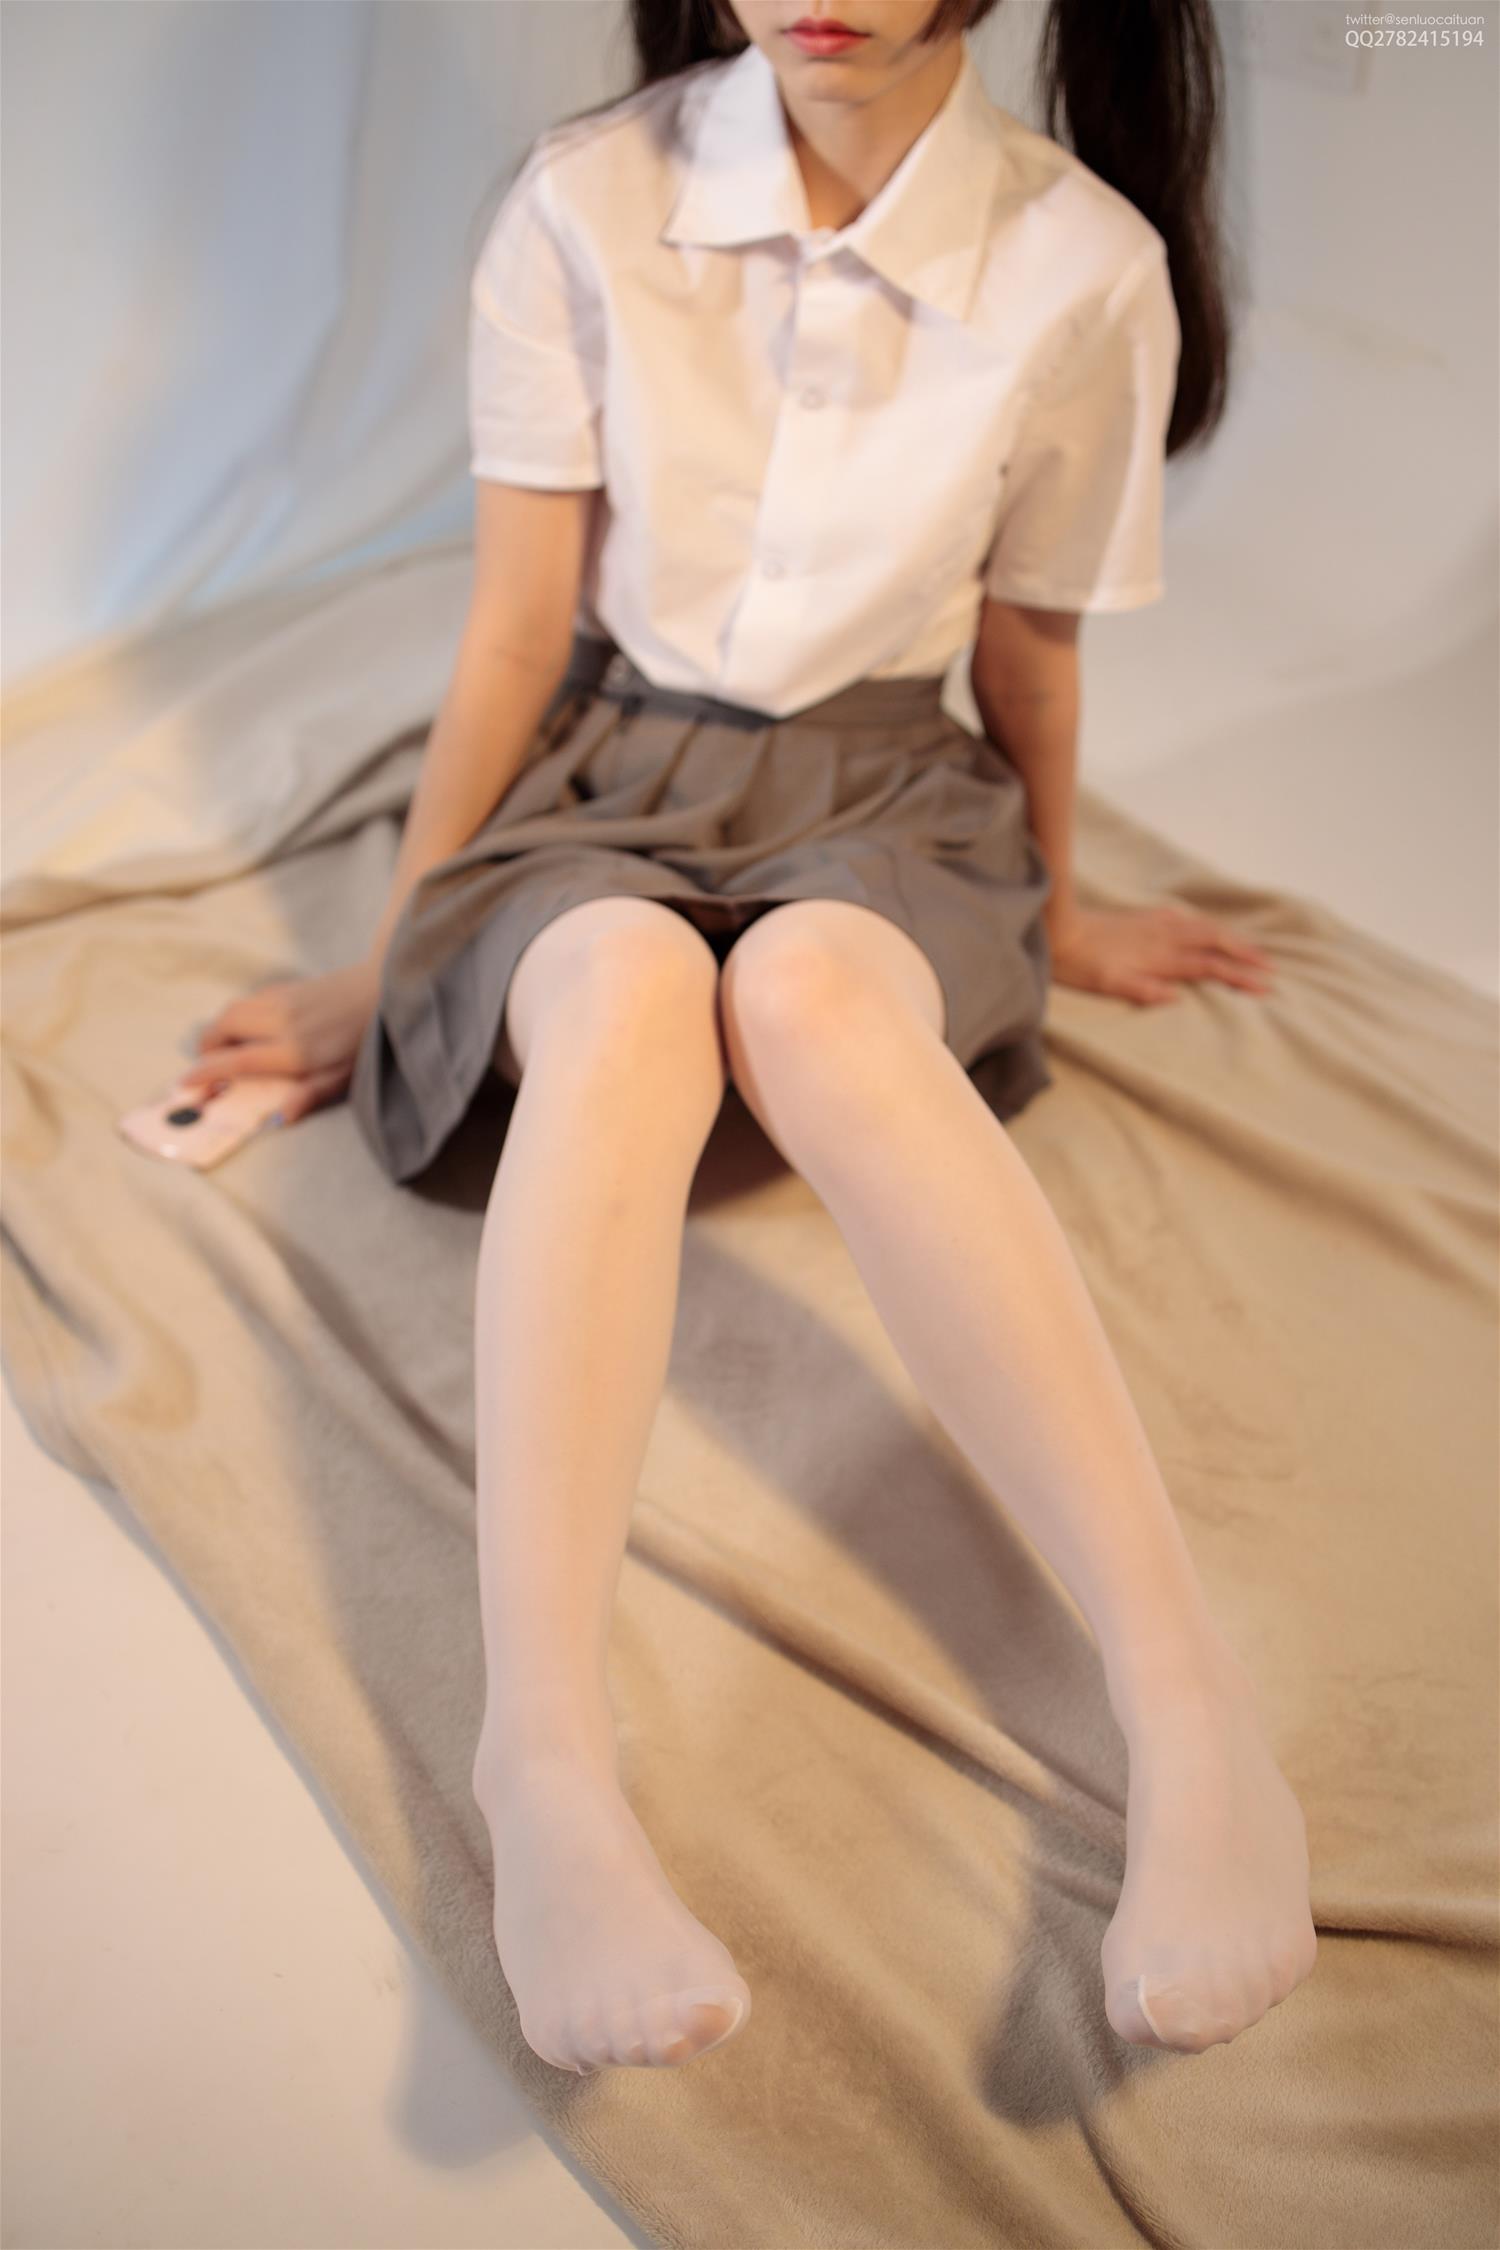 森萝财团 JKFUN-040 13D白丝网鞋合辑 芝士 [48P1V-1.5GB] 森萝财团-第2张